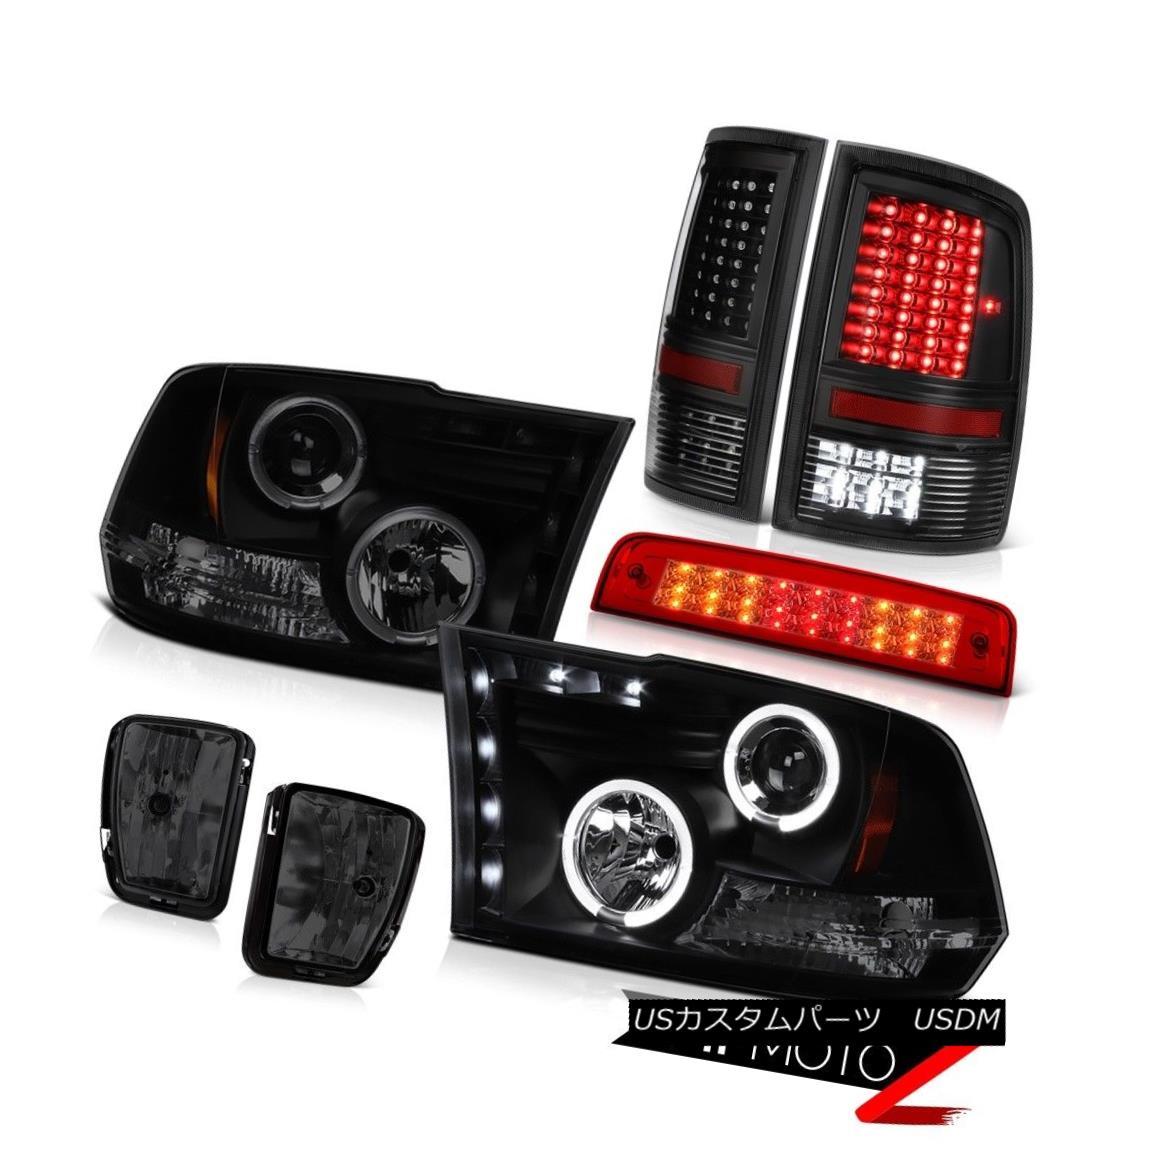 テールライト 13-18 Ram 1500 RT Red Roof Brake Light Fog Lamps Taillamps Headlights Dual Halo 13-18ラム1500 RTレッドルーフブレーキライトフォグランプタイルランプヘッドライトデュアルヘイロー